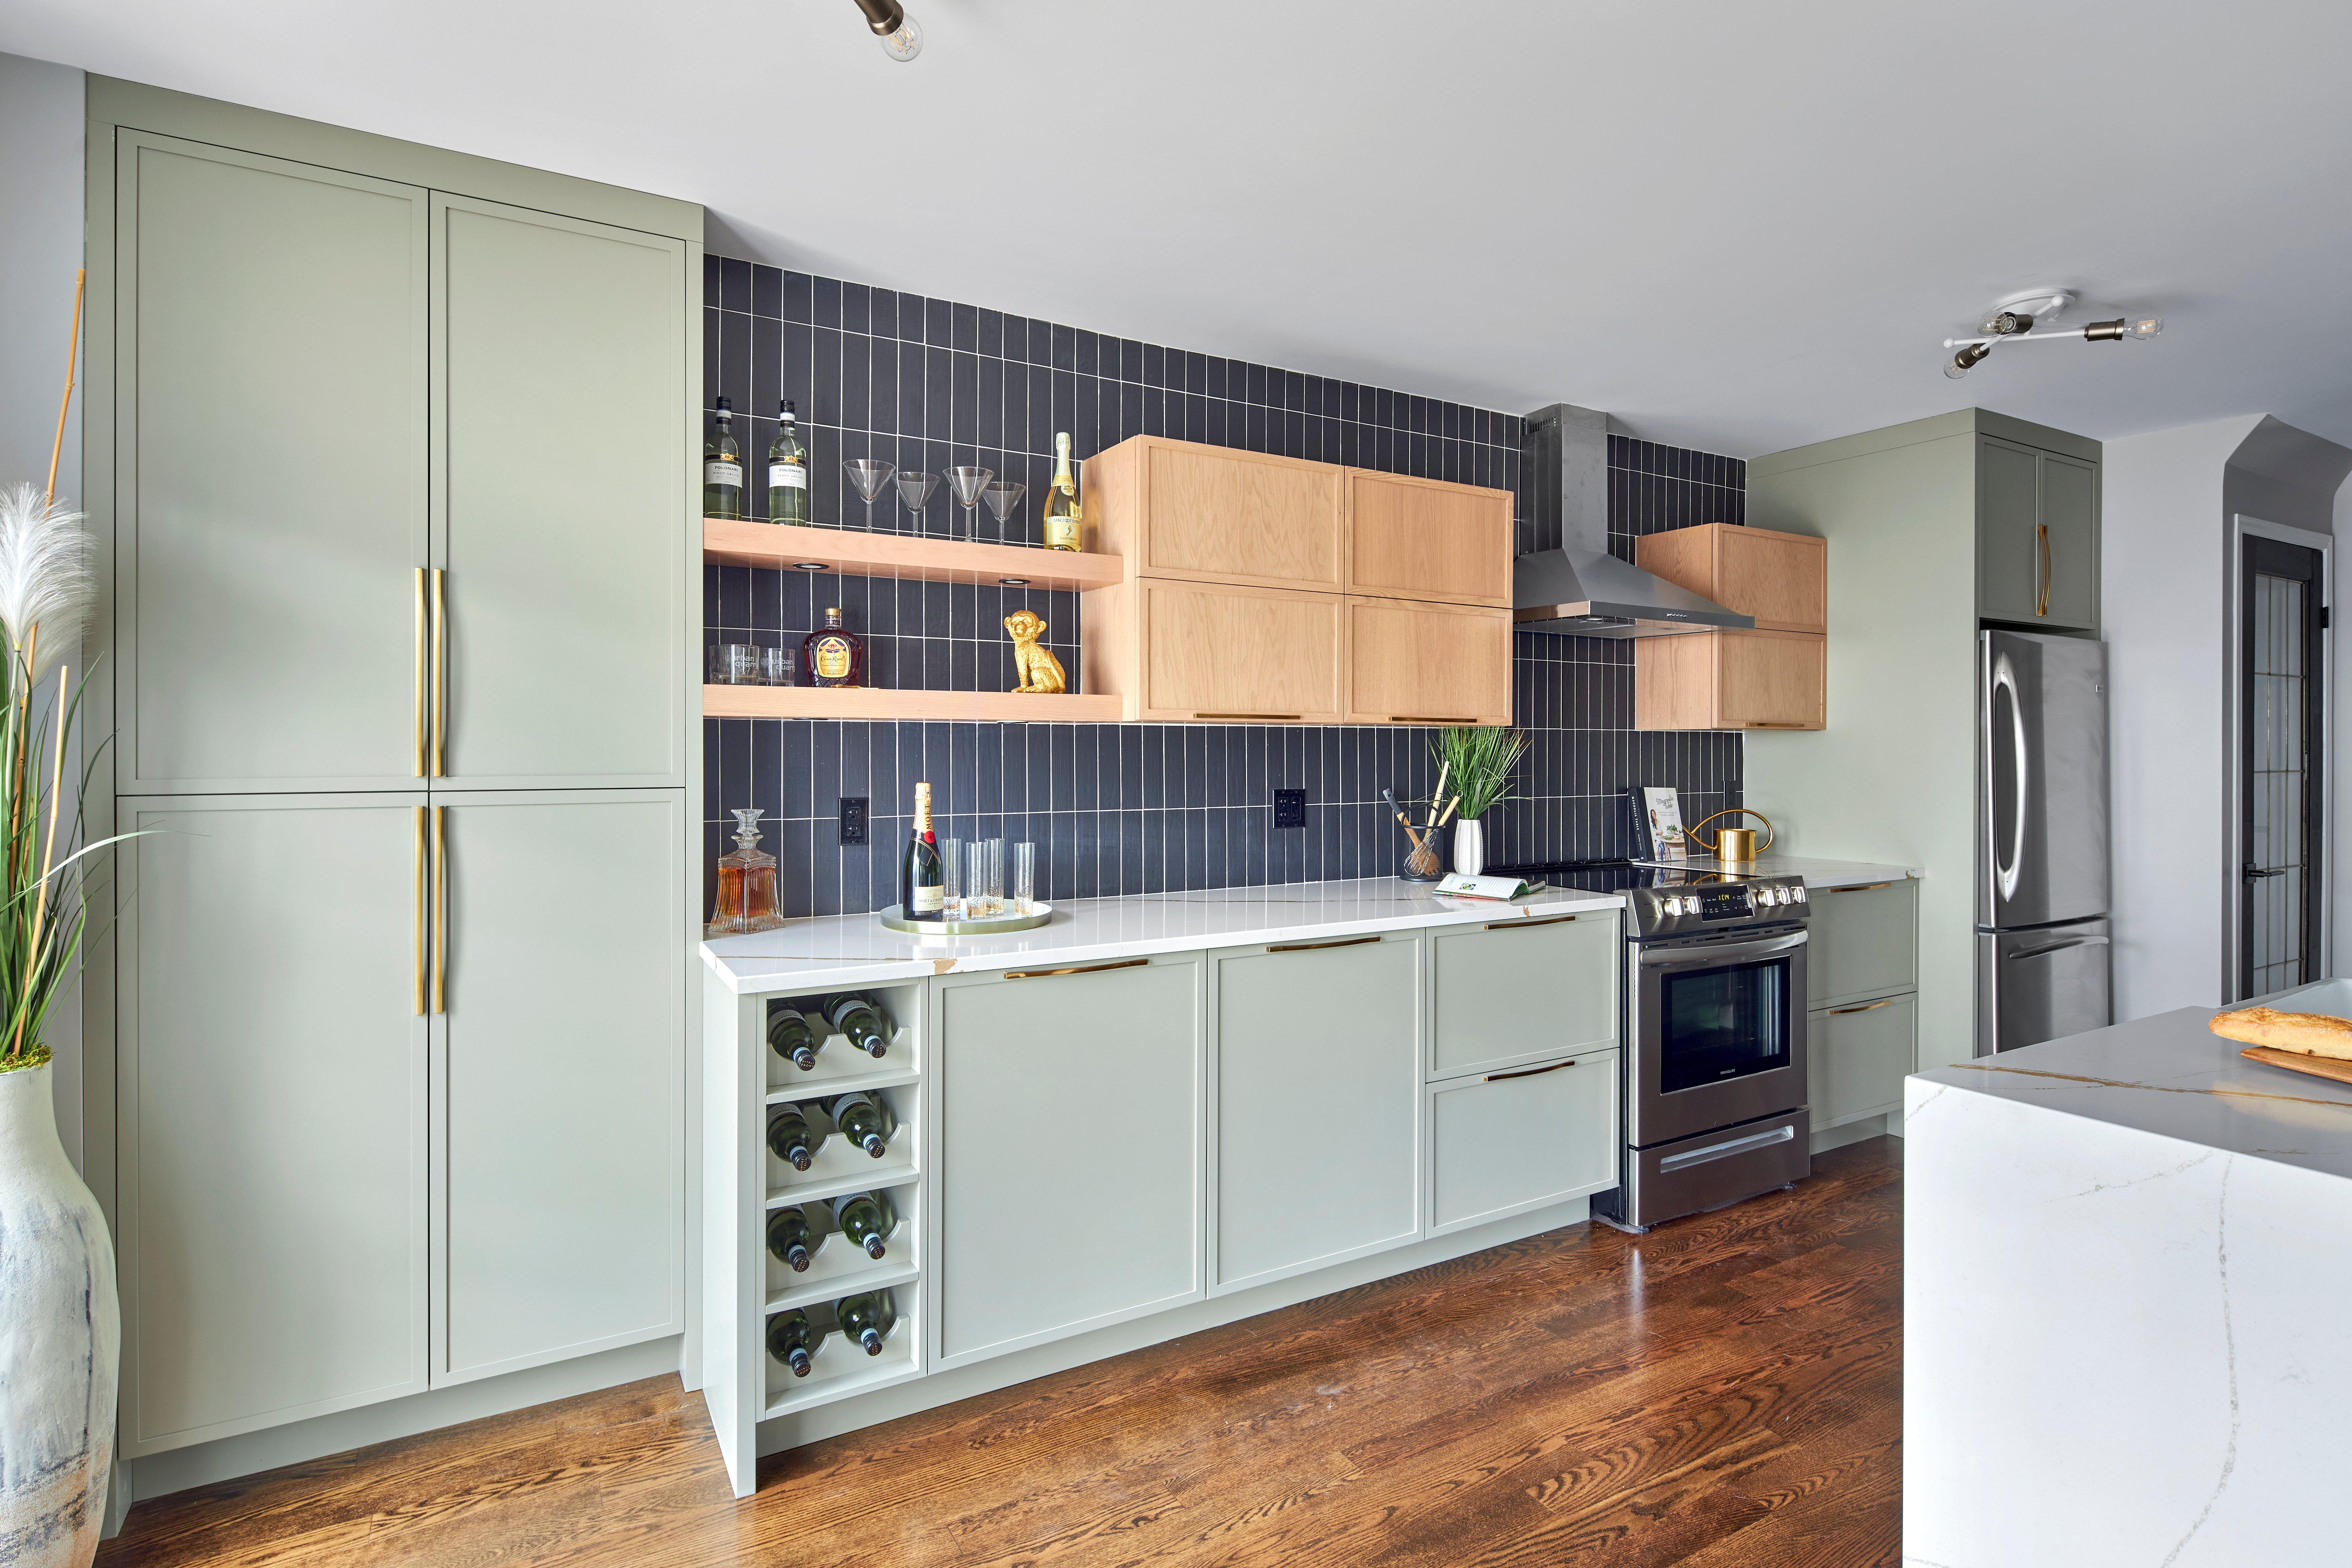 Deslaurier's Sassy Sage kitchen design.